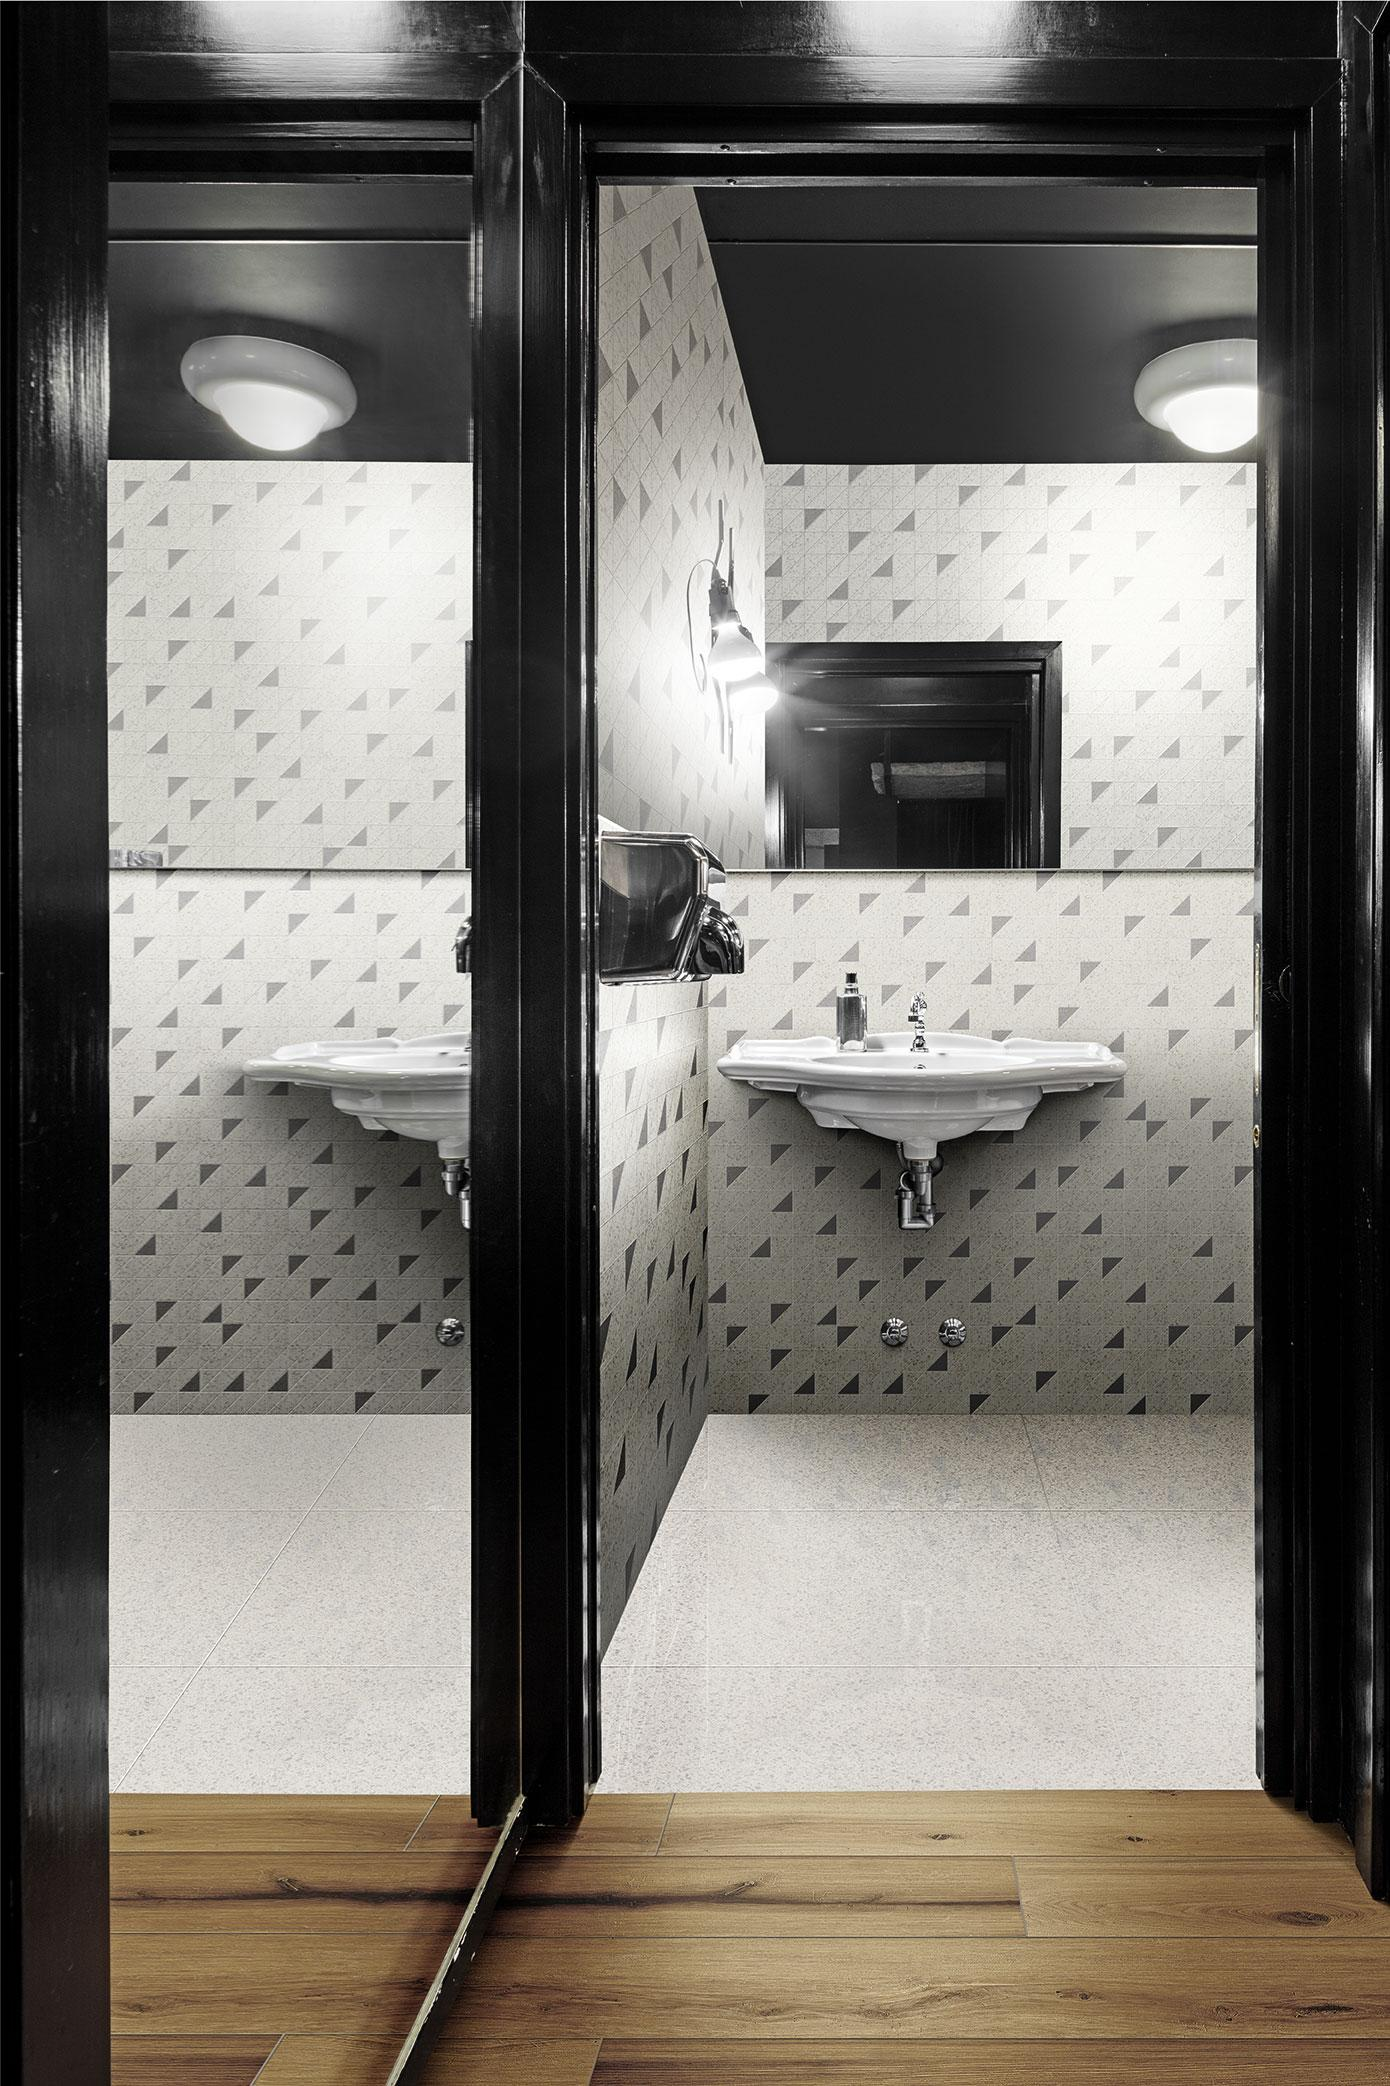 carrelage: grand format salle de bain | marazzi - Carrelage Salle De Bain Grand Format